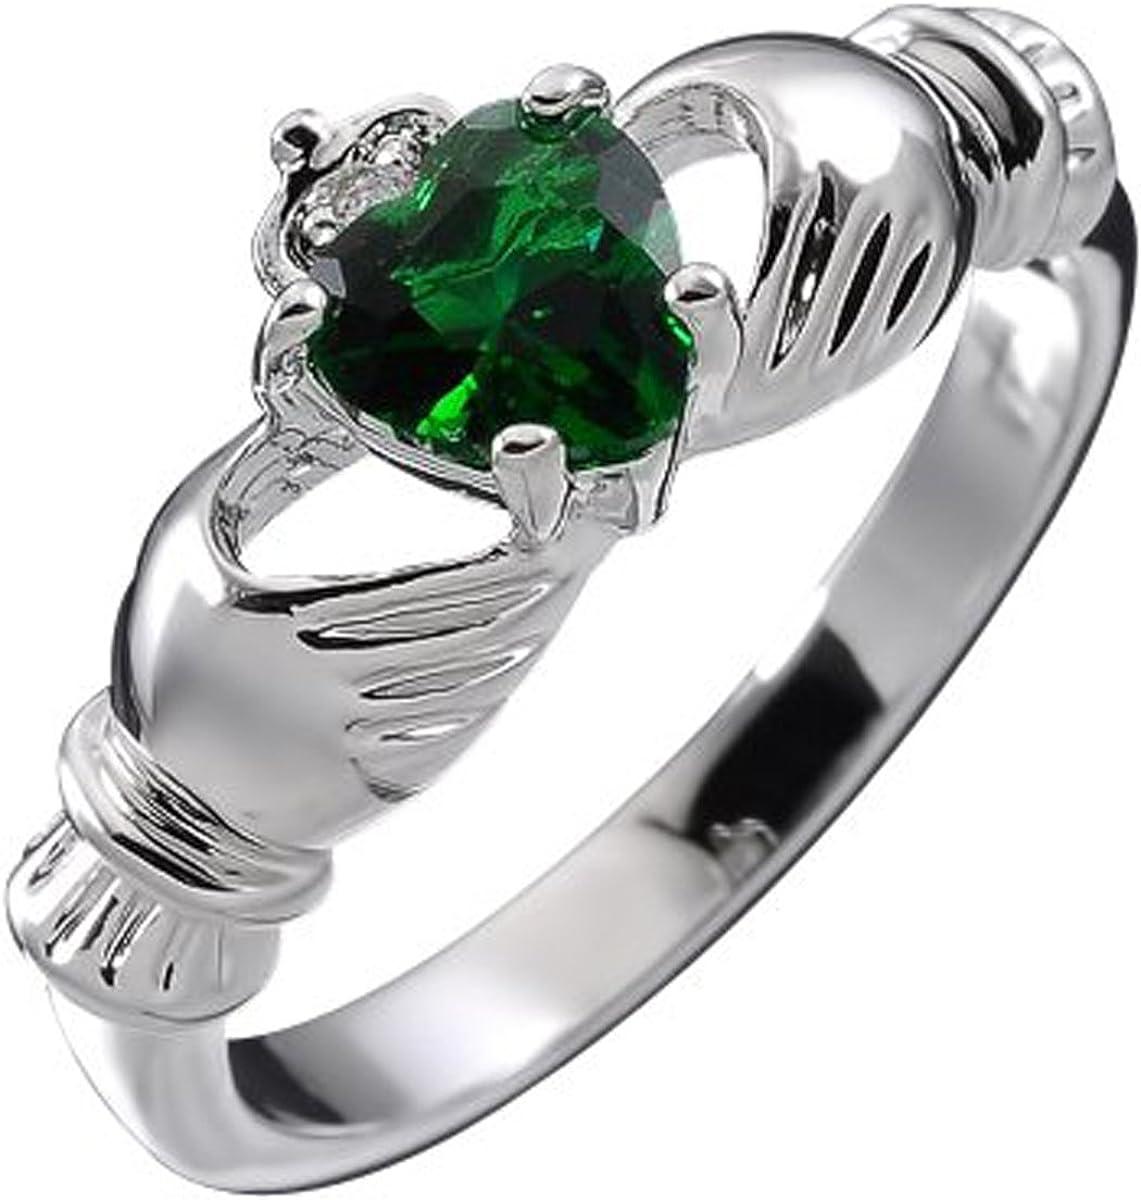 UPCO Jewellery Plata Esterlina, Piedra Claddagh Irlandesa del Mes de Mayo Verde Esmeralda Engarzada De 9mm 2ct del Corazón, Anillo De Compromiso De Boda